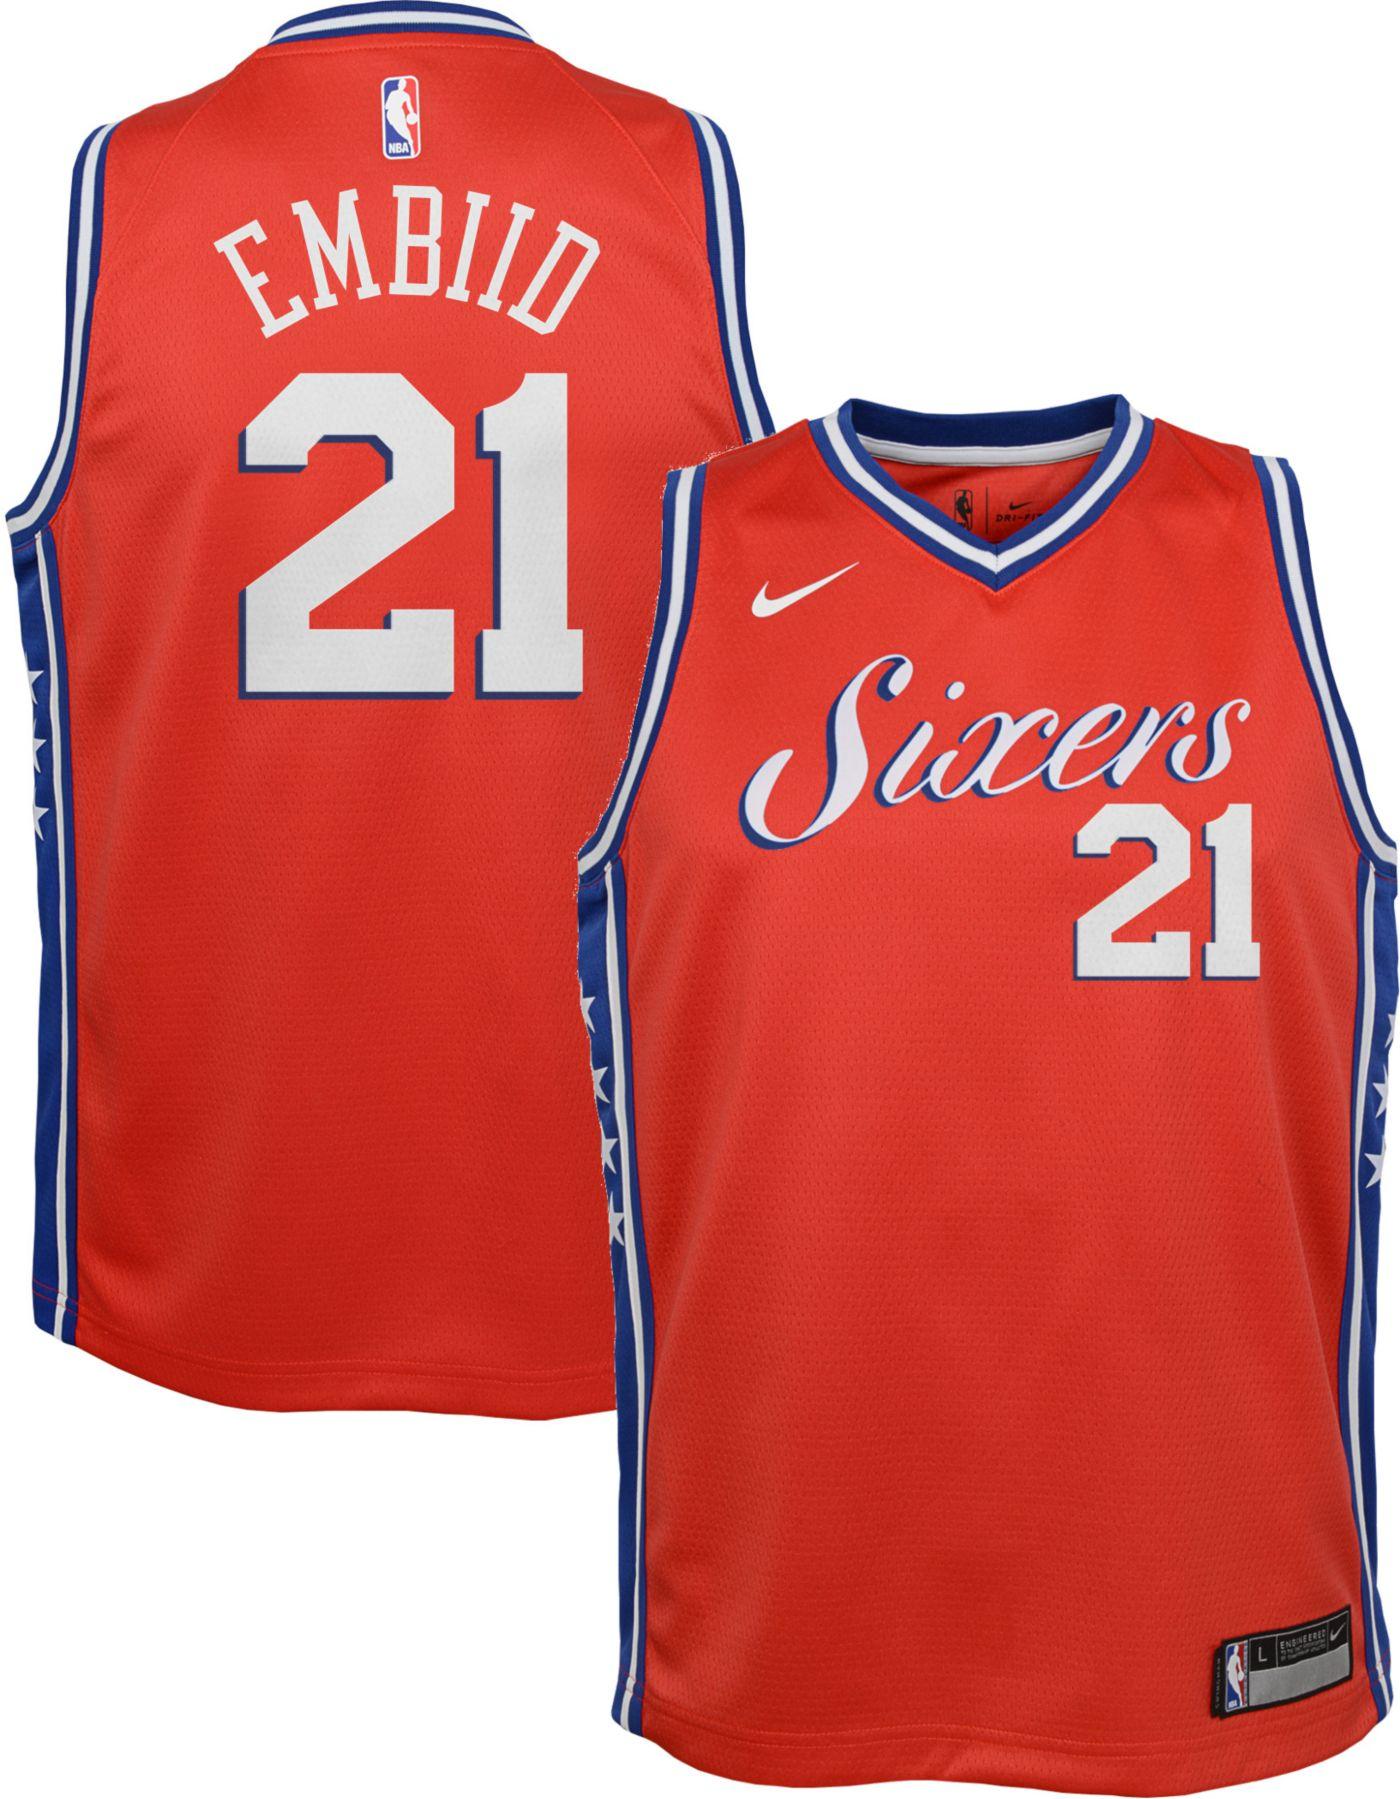 Nike Youth Philadelphia 76ers Joel Embiid Dri-FIT Statement Swingman Jersey